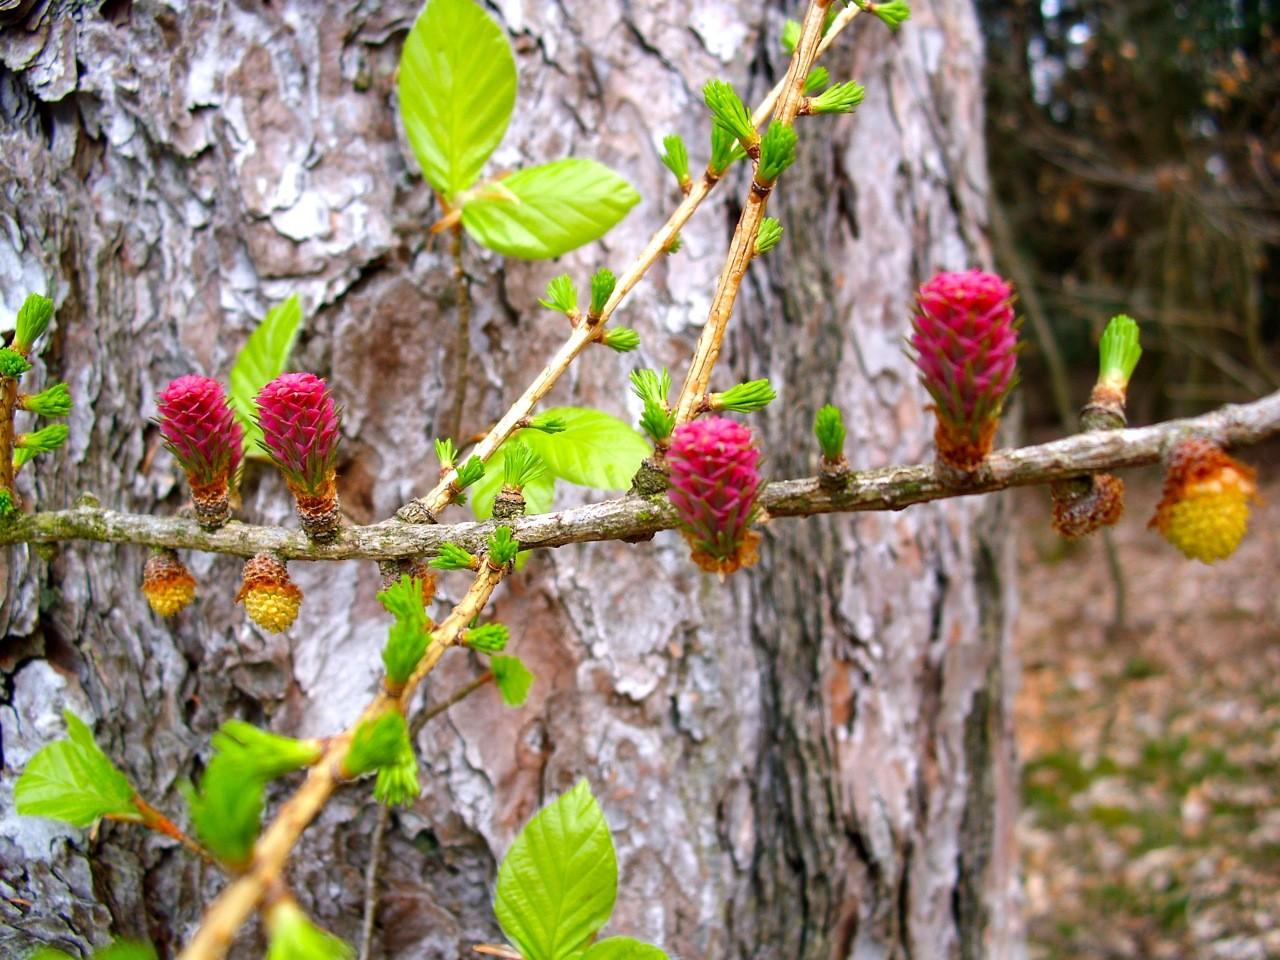 Volker Vömel zeigte auch ein Bild von der Lärchenblüte im Weilburger Wald.